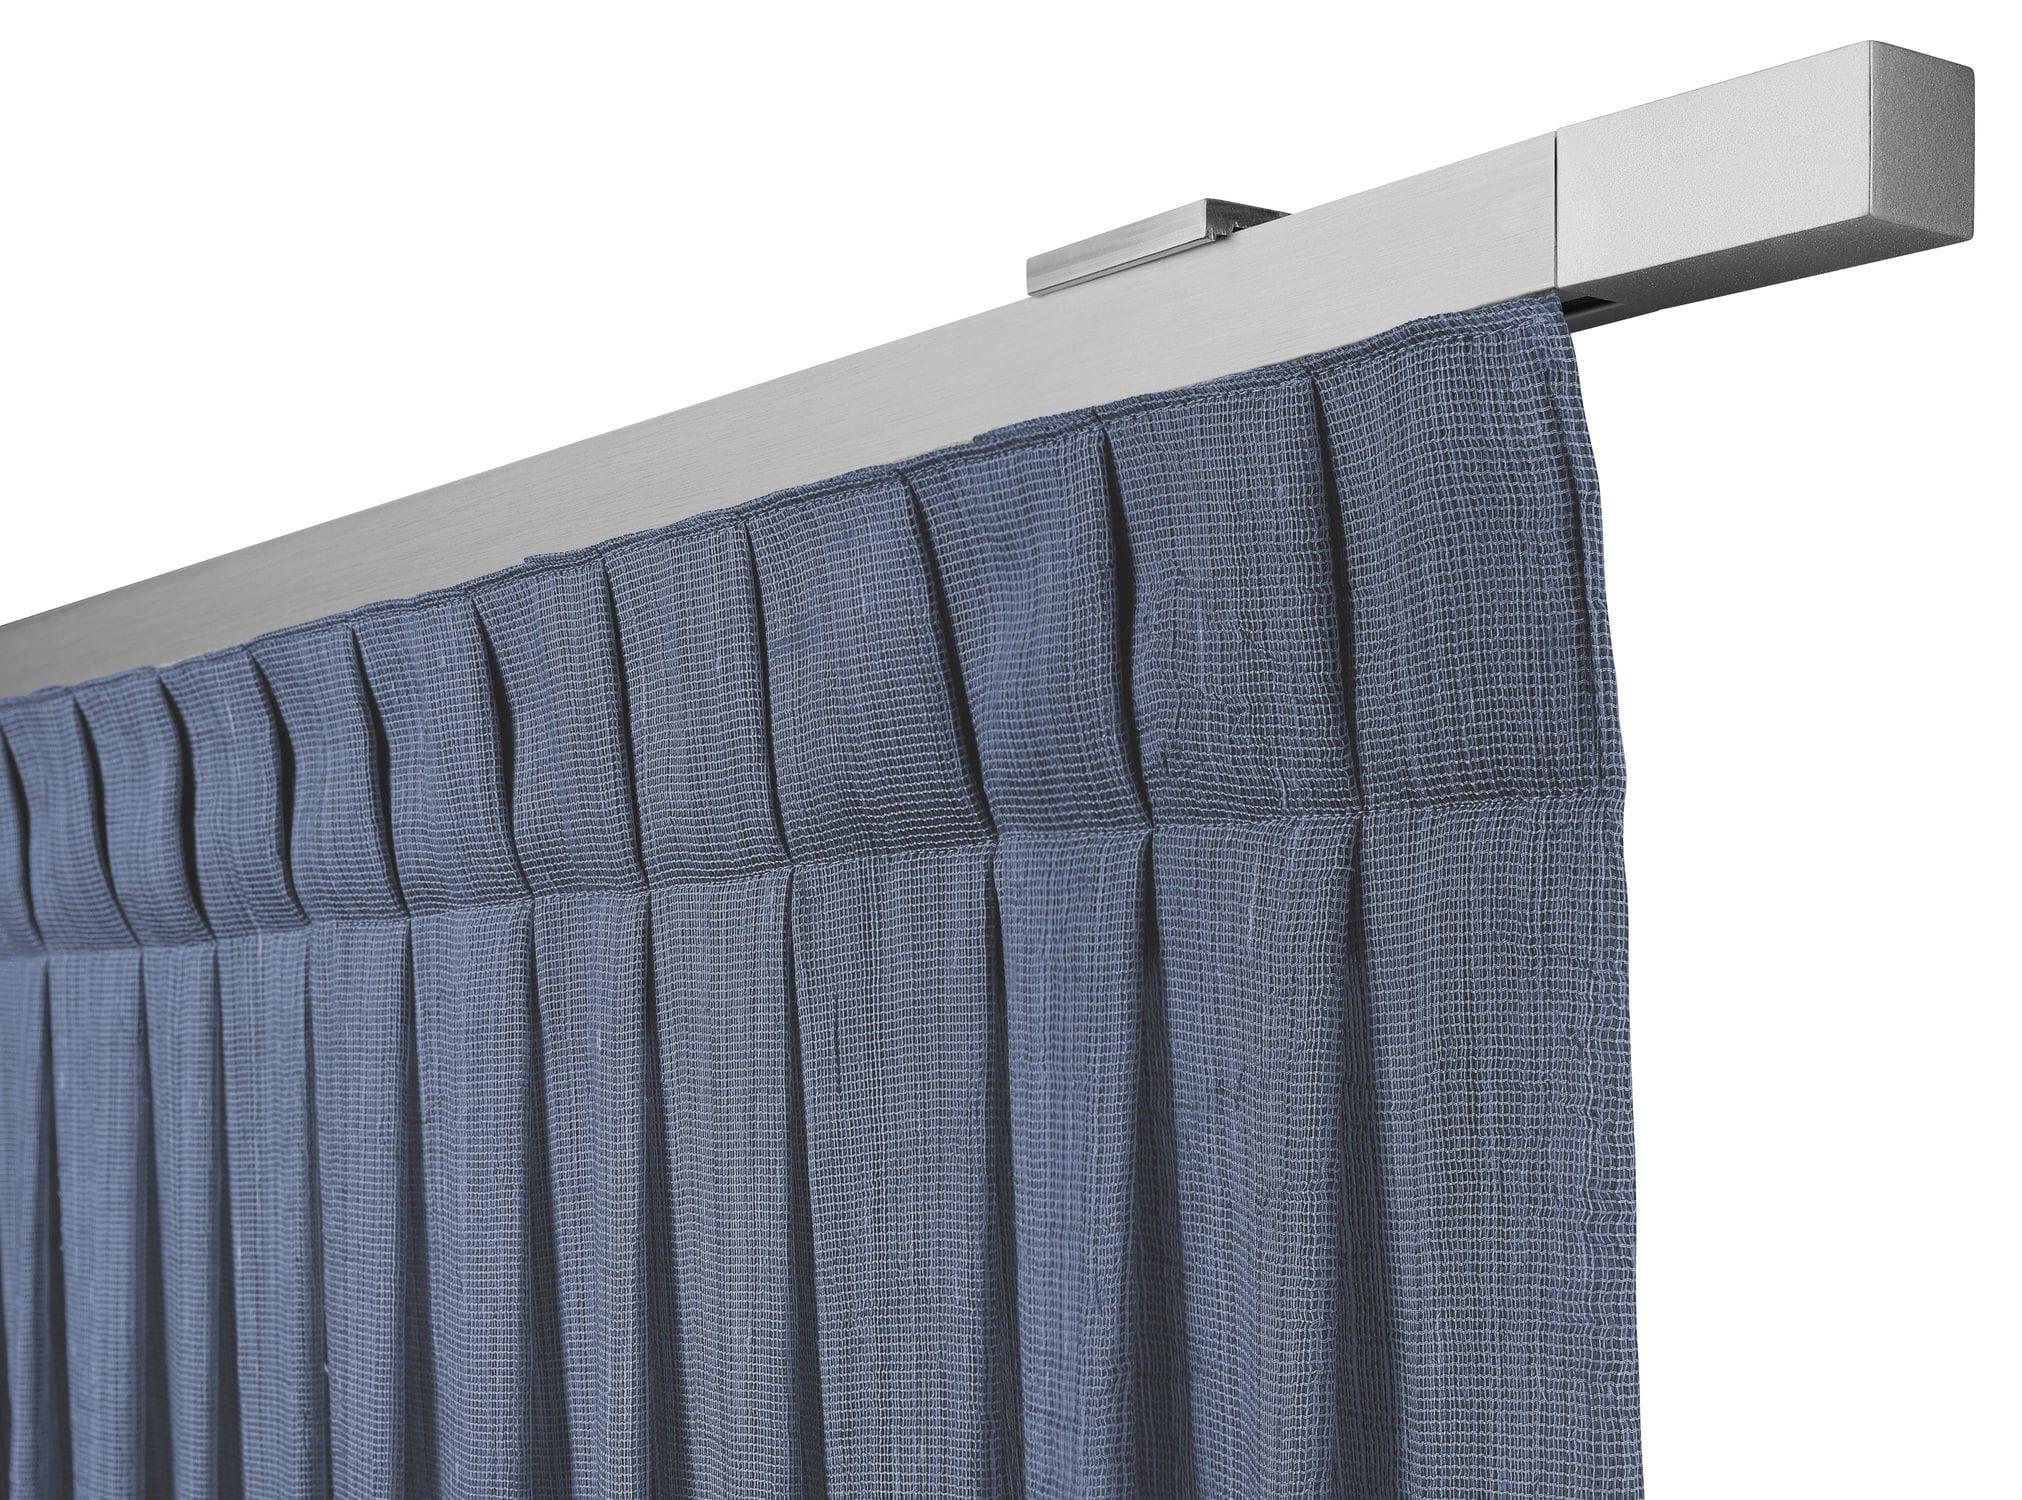 Binari Per Tende A Soffitto : Binario per tende con fissaggio murale ad azionamento manuale